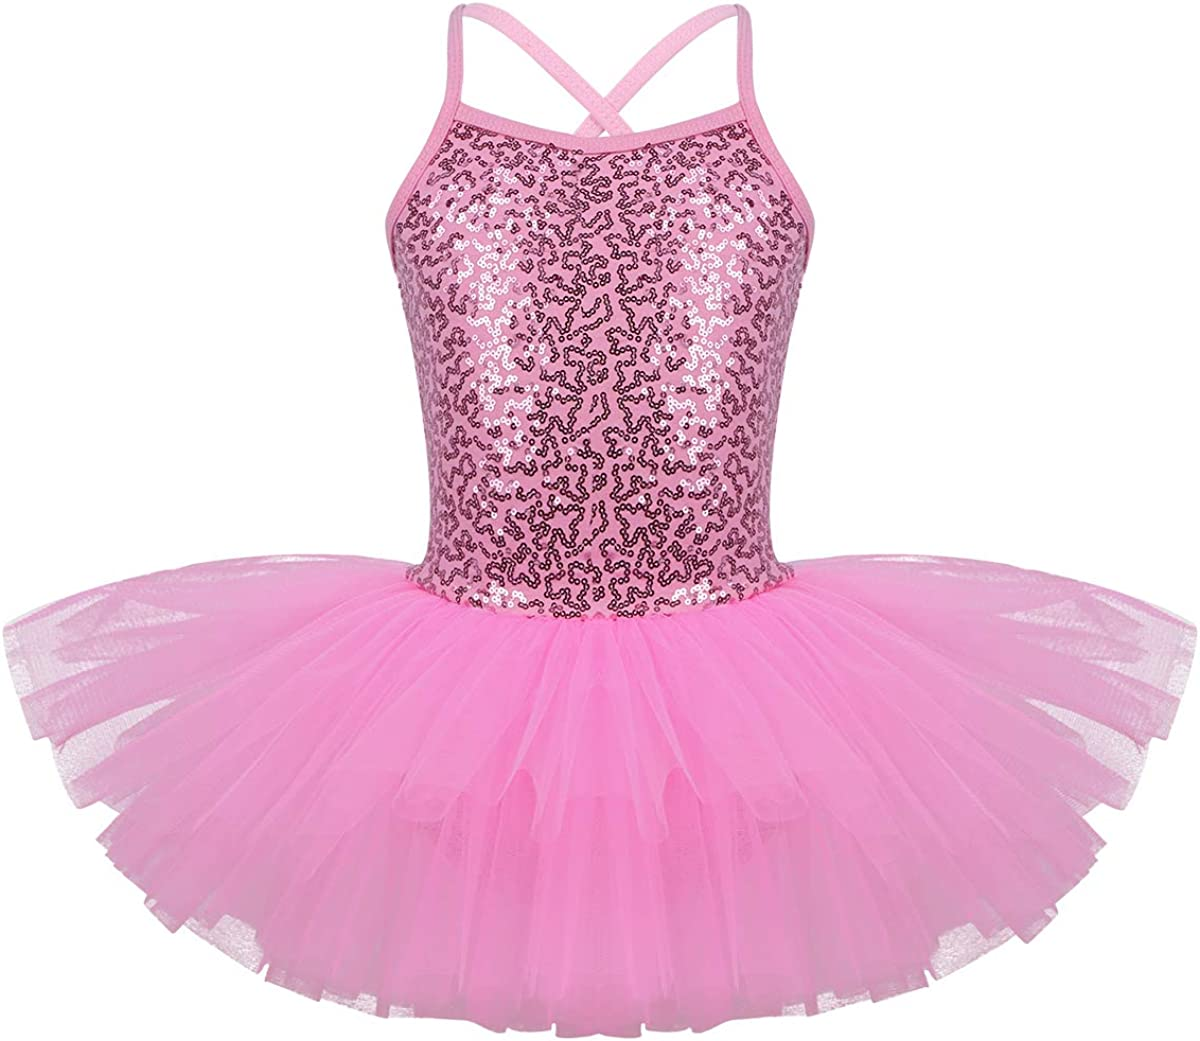 Girls Kids Sequined Ballet Dance Tutu Dress Leotard Gymnastics Bowknot Dancewear